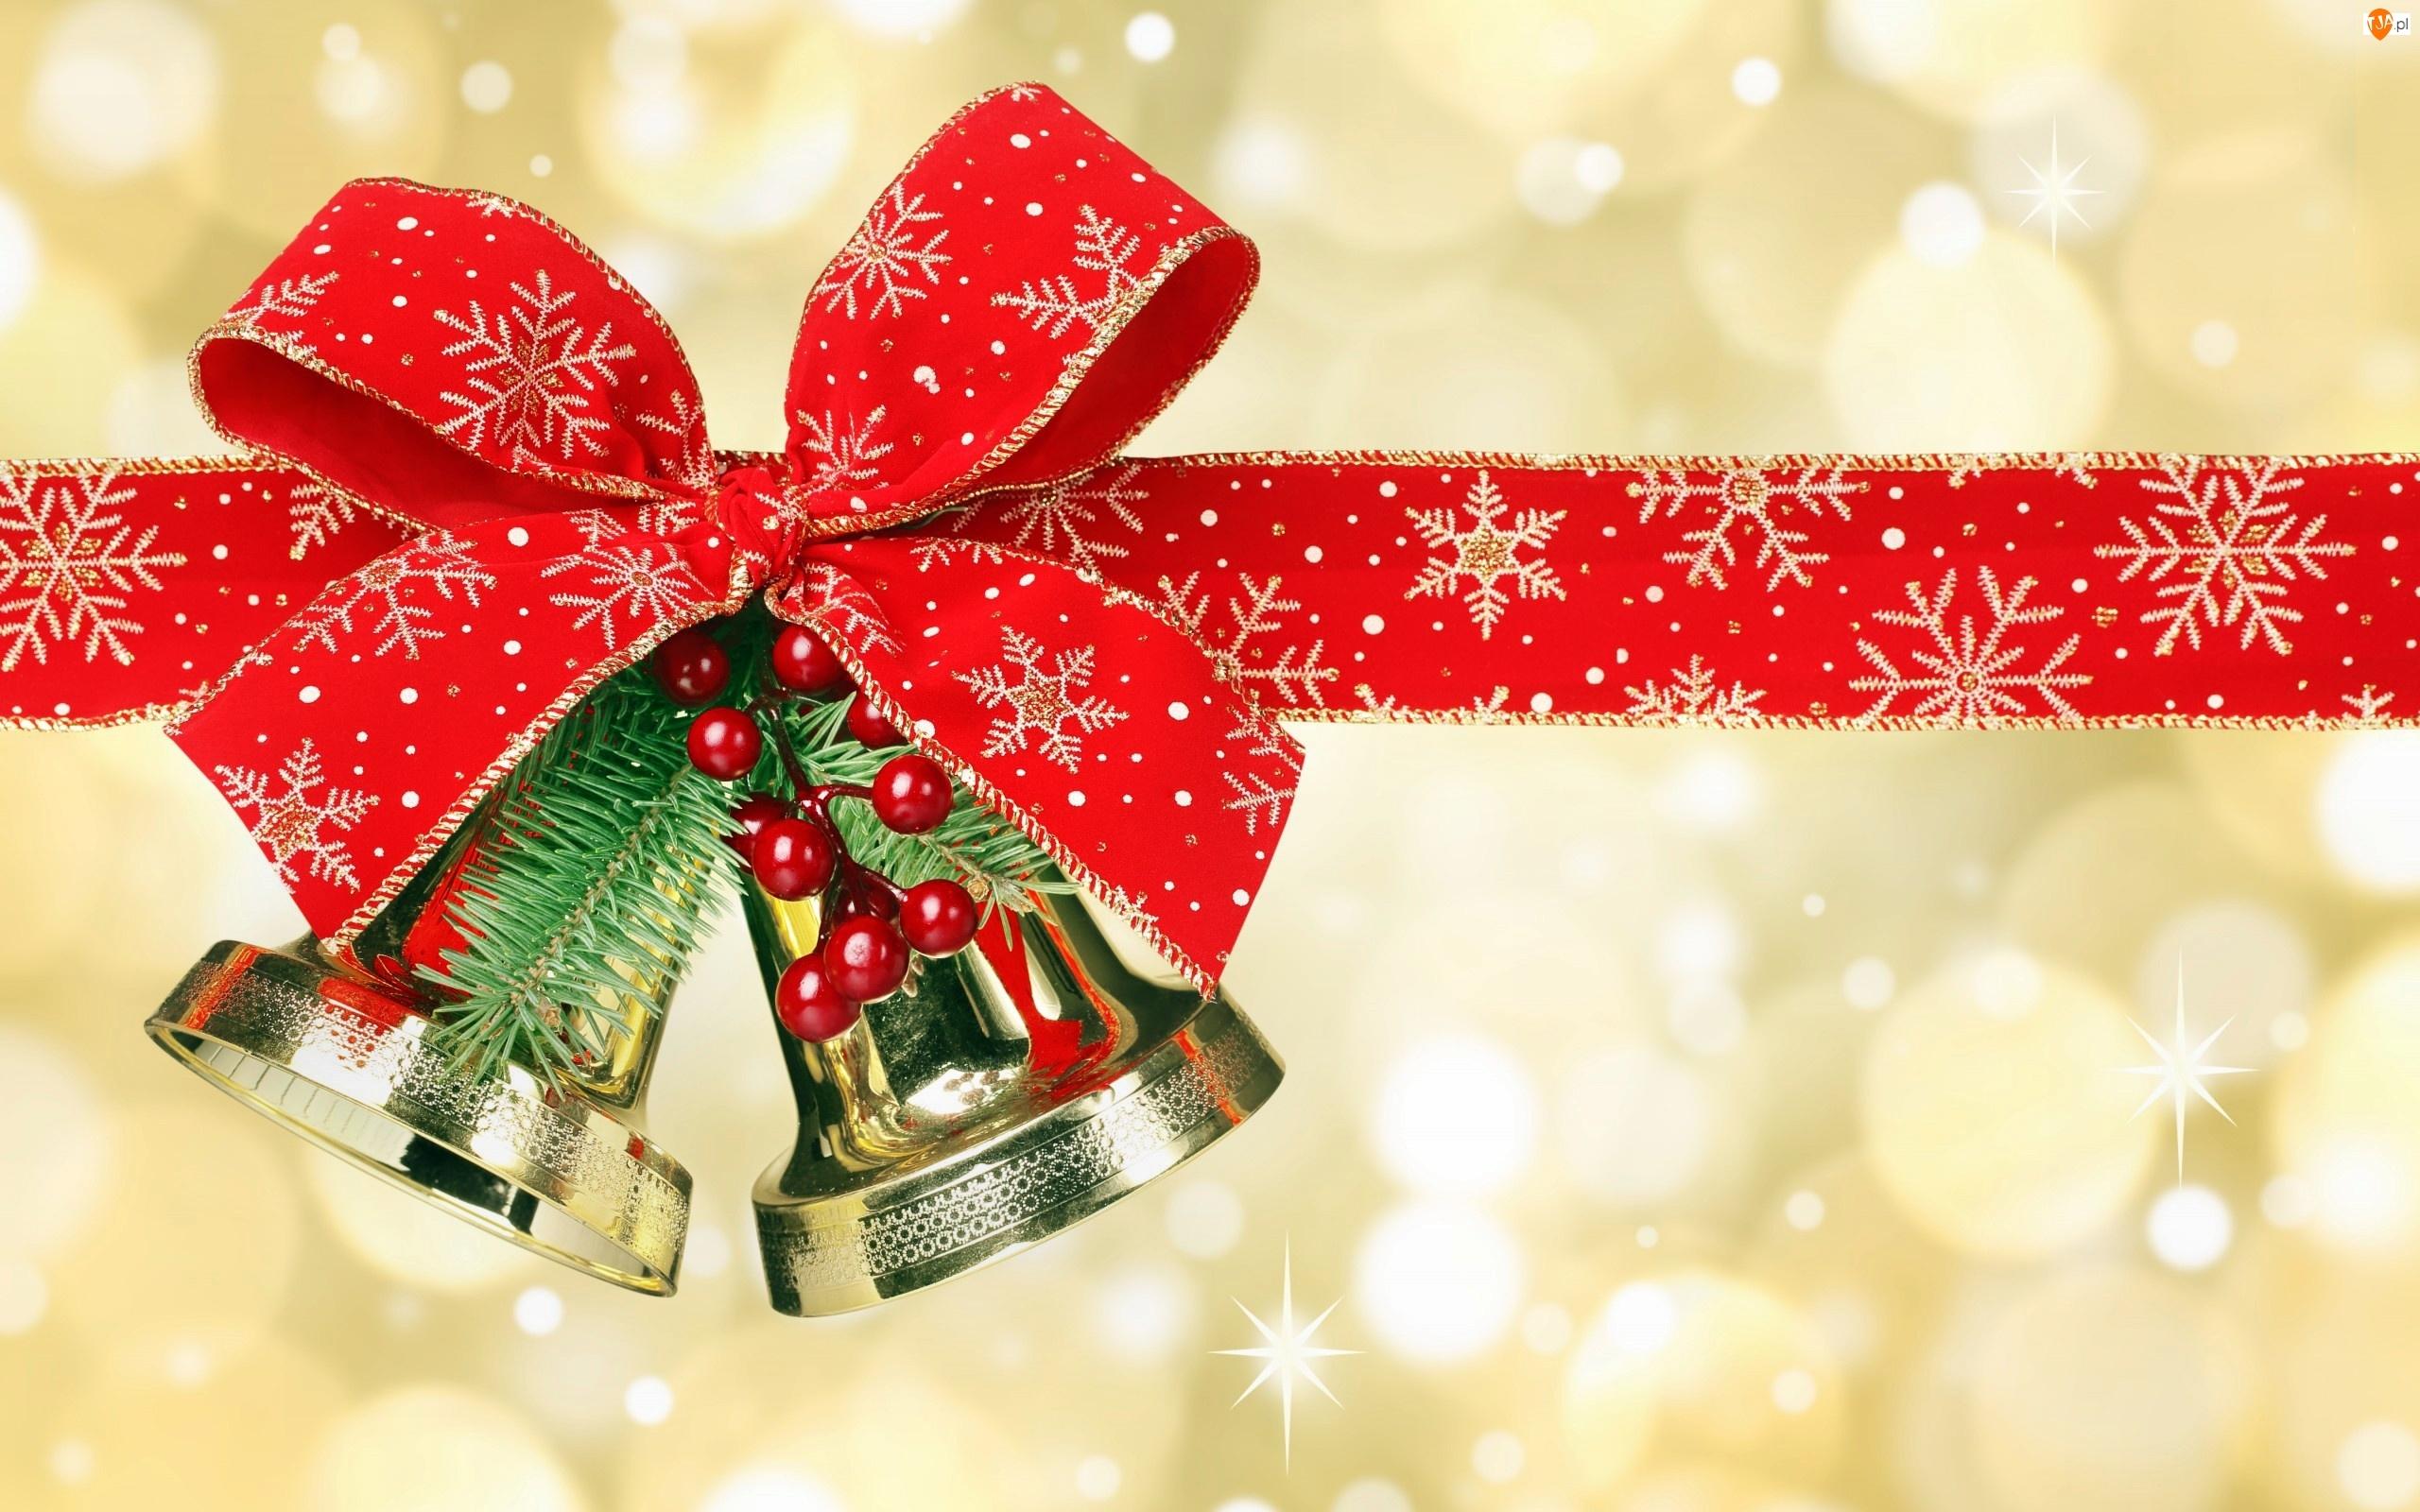 Świąteczne, Boże Narodzenie, Dzwonki, Kokarda